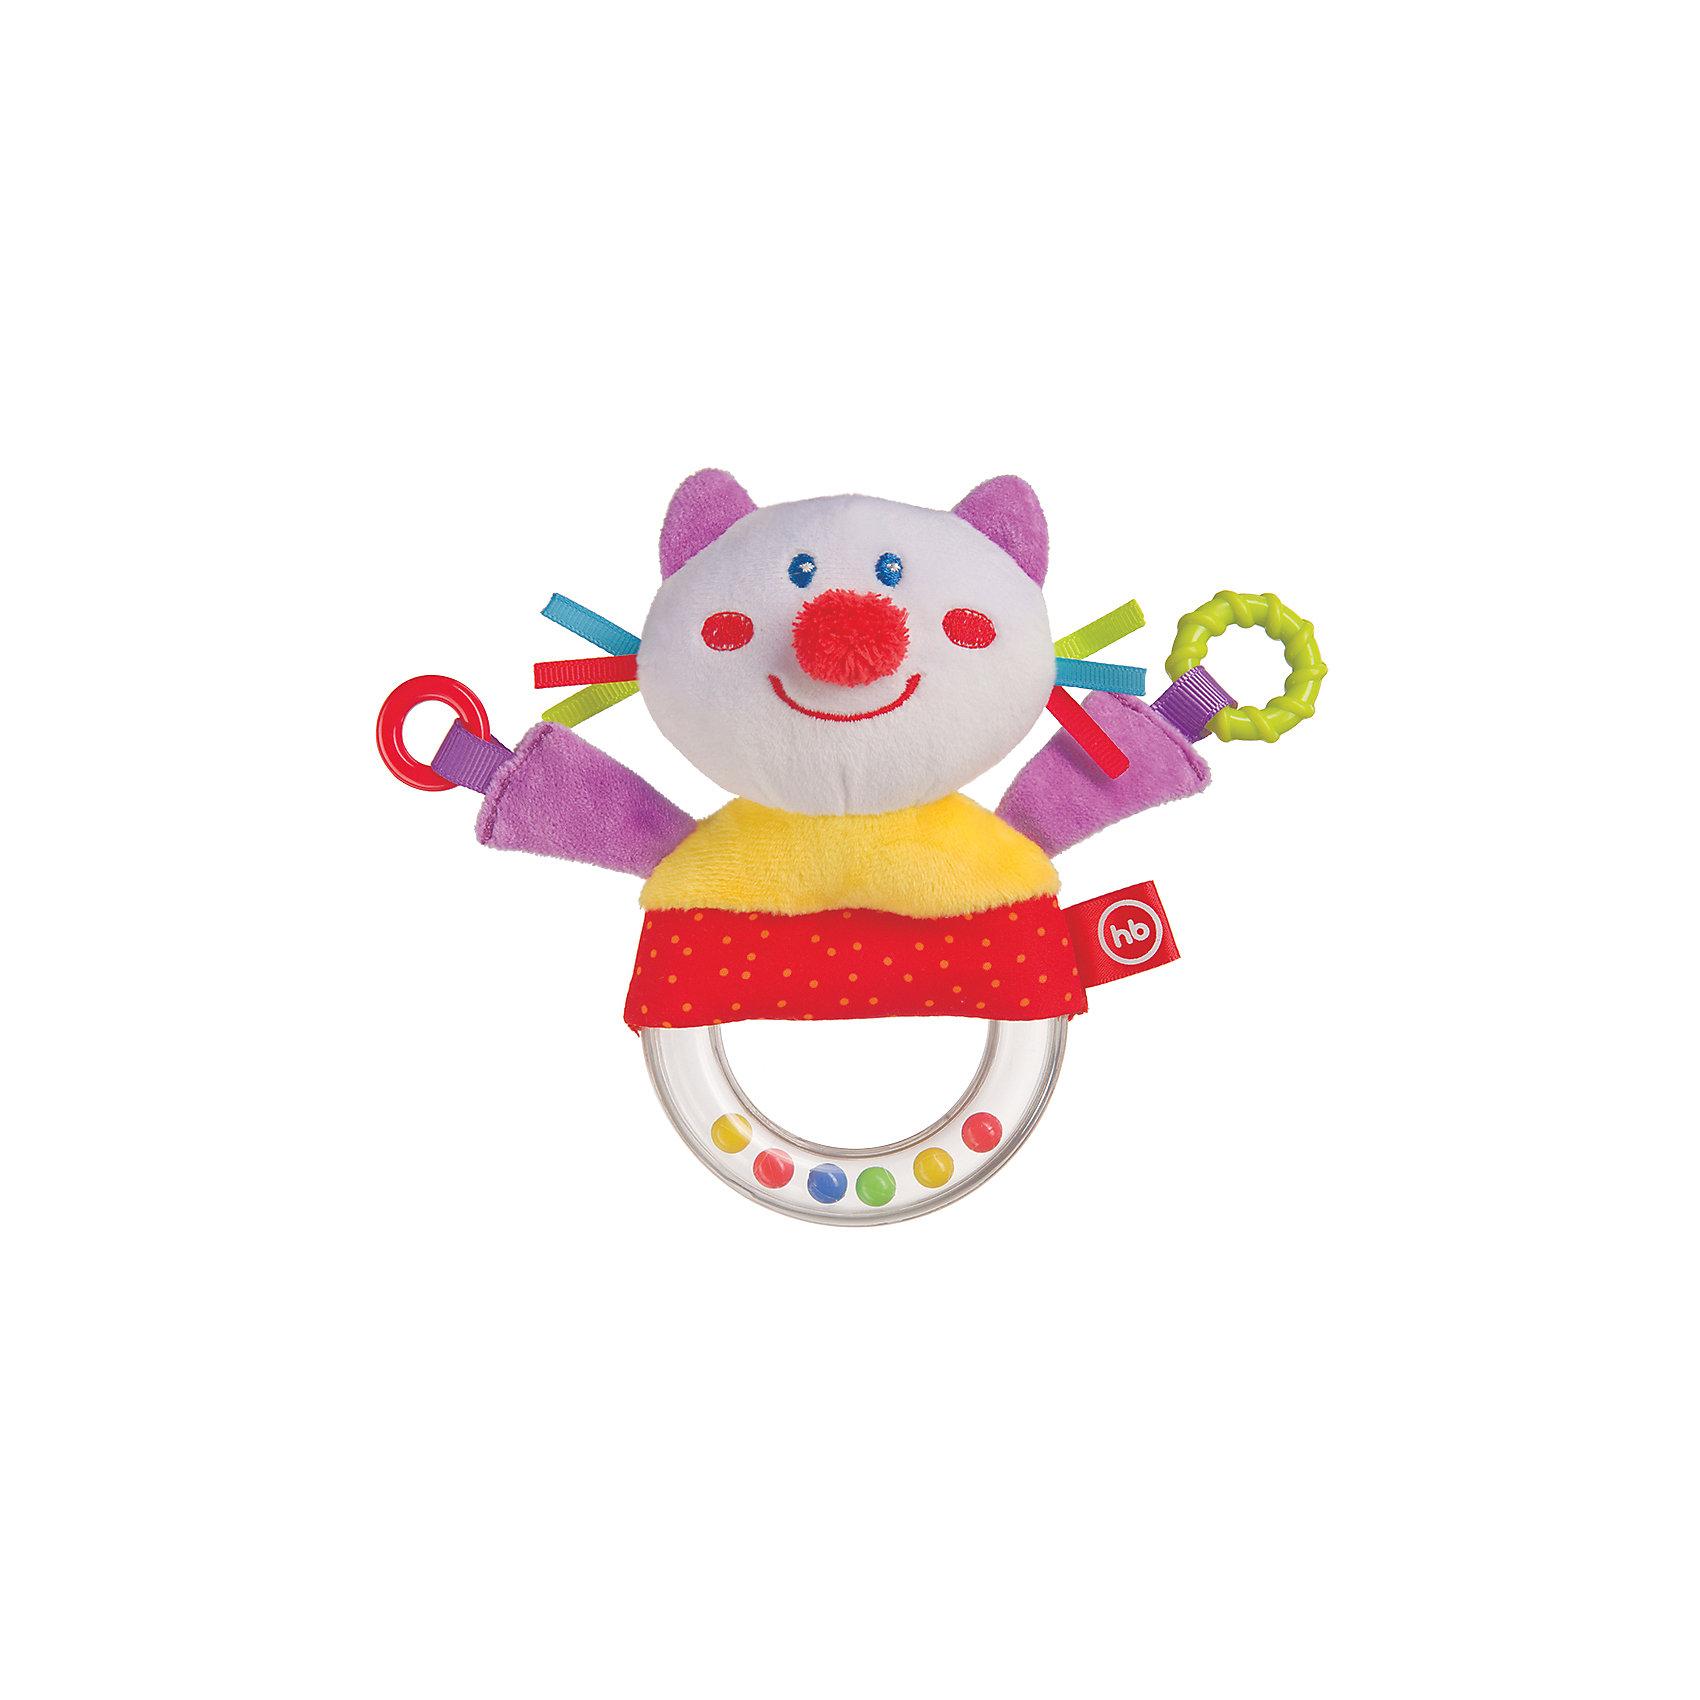 Погремушка-пищалка  Funny Kitty, Happy babyПогремушки<br>Характеристики:<br><br>• Вид игр: развивающие, обучающие<br>• Материал: полиэстер, хлопок, пластик<br>• Тип крепления: завязки<br>• Наличие звуковых, шумовых эффектов<br>• Вес: 87 г<br>• Параметры (Д*Ш*В): 5*14*21,7 см <br>• Особенности ухода: влажная и сухая чистка<br><br>Погремушка-пищалка   Funny Kitty, Happy baby выполнена в виде веселого котика, который закреплен на кольце с бусинами внутри. У кольца удобный размер для детской руки. Котик состоит из элементов разного цвета, фактуры и с различными звуковыми эффектами. Игры с такой игрушкой будут способствовать зрительному и слуховому восприятию, координации движений, будут развивать мелкую моторику рук и эмоциональную сферу ребенка.   <br><br>Погремушку-пищалку   Funny Kitty, Happy baby   можно купить в нашем интернет-магазине.<br><br>Ширина мм: 50<br>Глубина мм: 140<br>Высота мм: 217<br>Вес г: 87<br>Возраст от месяцев: 3<br>Возраст до месяцев: 18<br>Пол: Унисекс<br>Возраст: Детский<br>SKU: 5621711